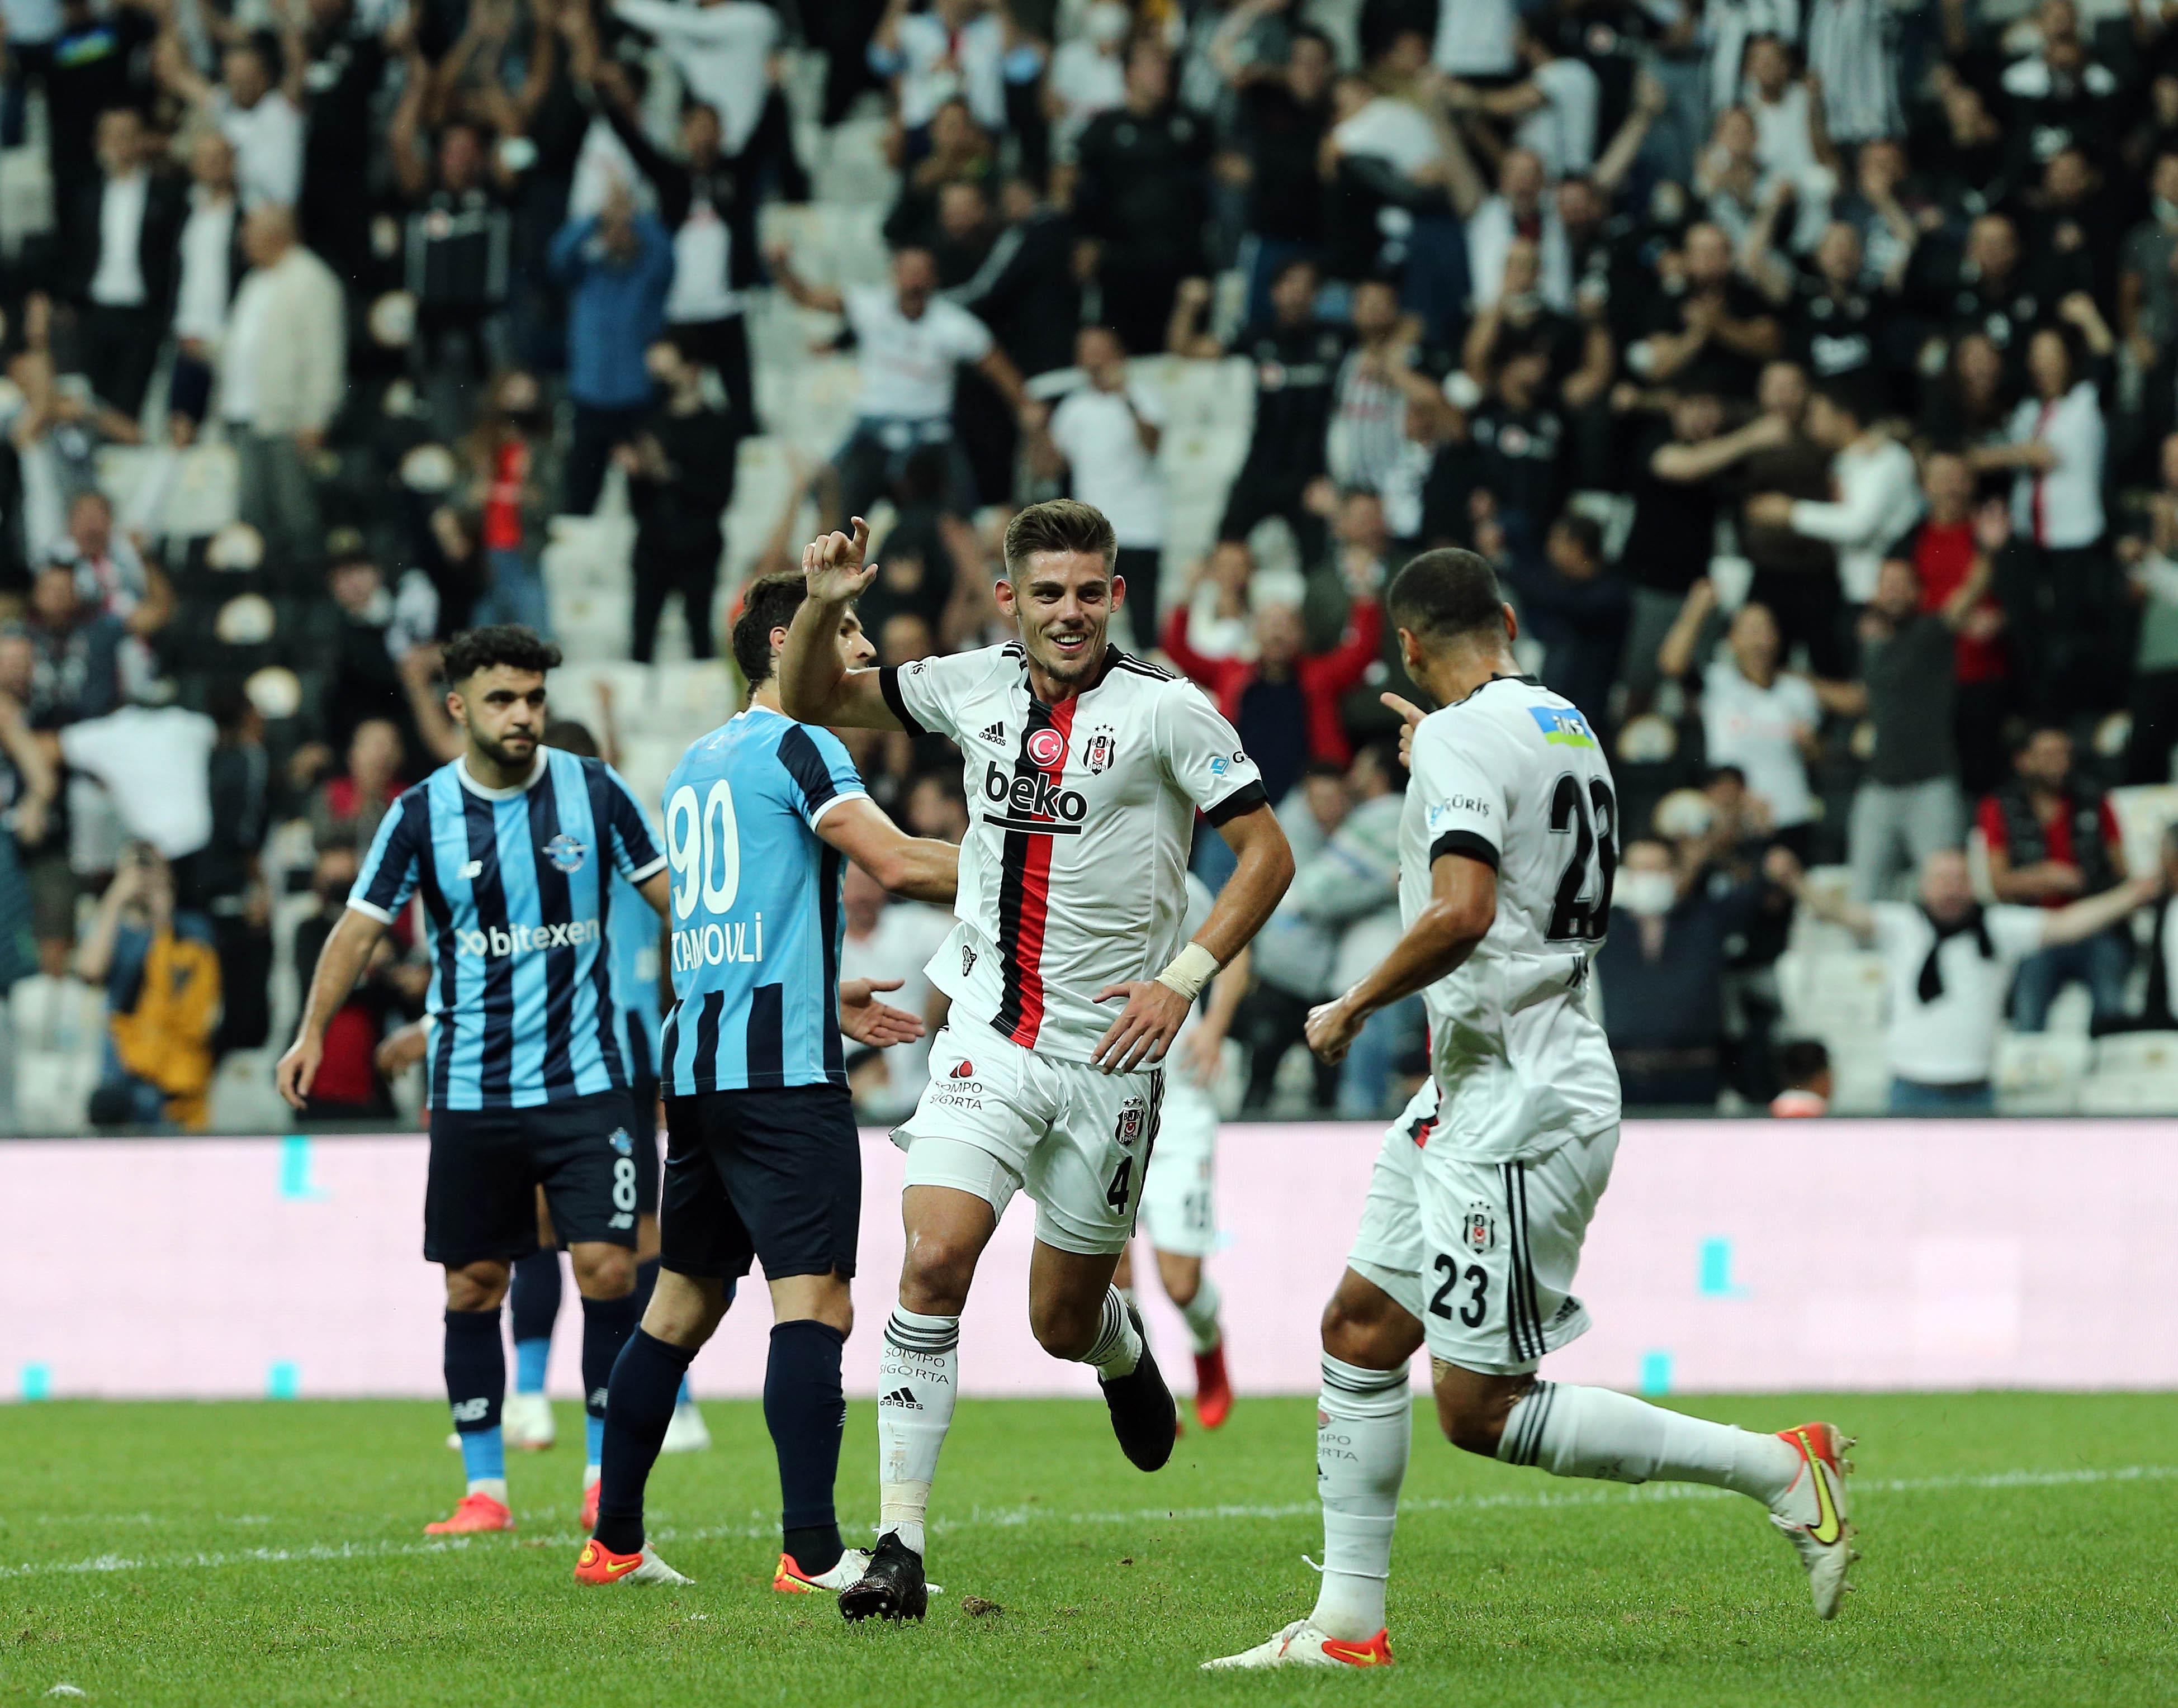 <p>Beşiktaş, önümüzdeki hafta İzmir ekibi Altay ile deplasmanda karşılaşacak. Adana Demirspor ise, evinde Gaziantep Futbol Kulübü'nü konuk edecek.&nbsp;</p>